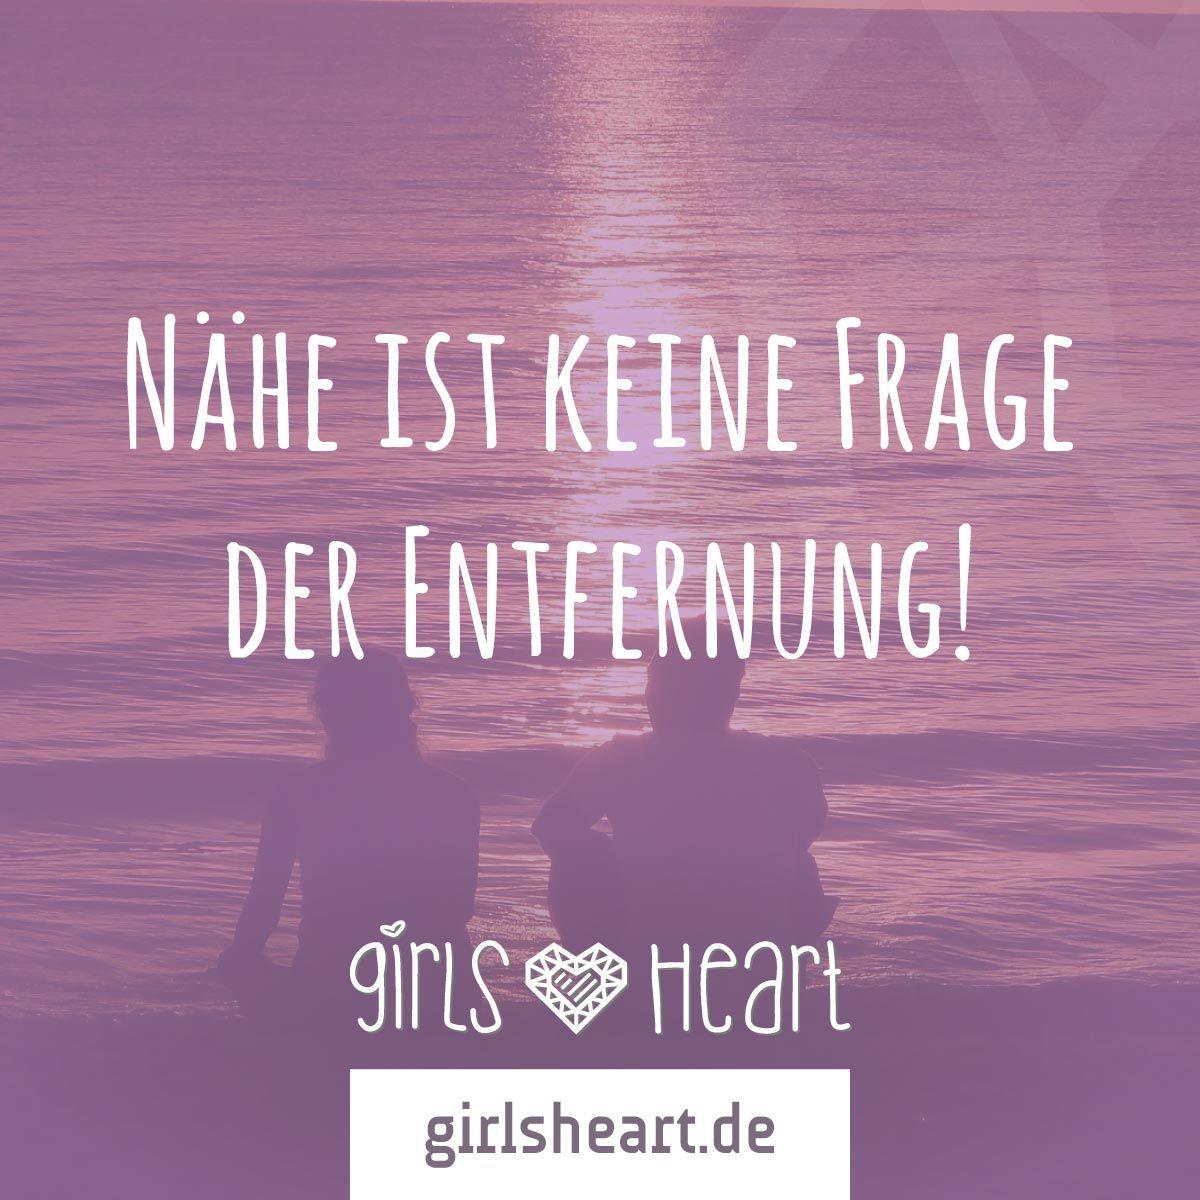 Mehr Sprüche auf: www.girlsheart.de #entfernung #nähe #